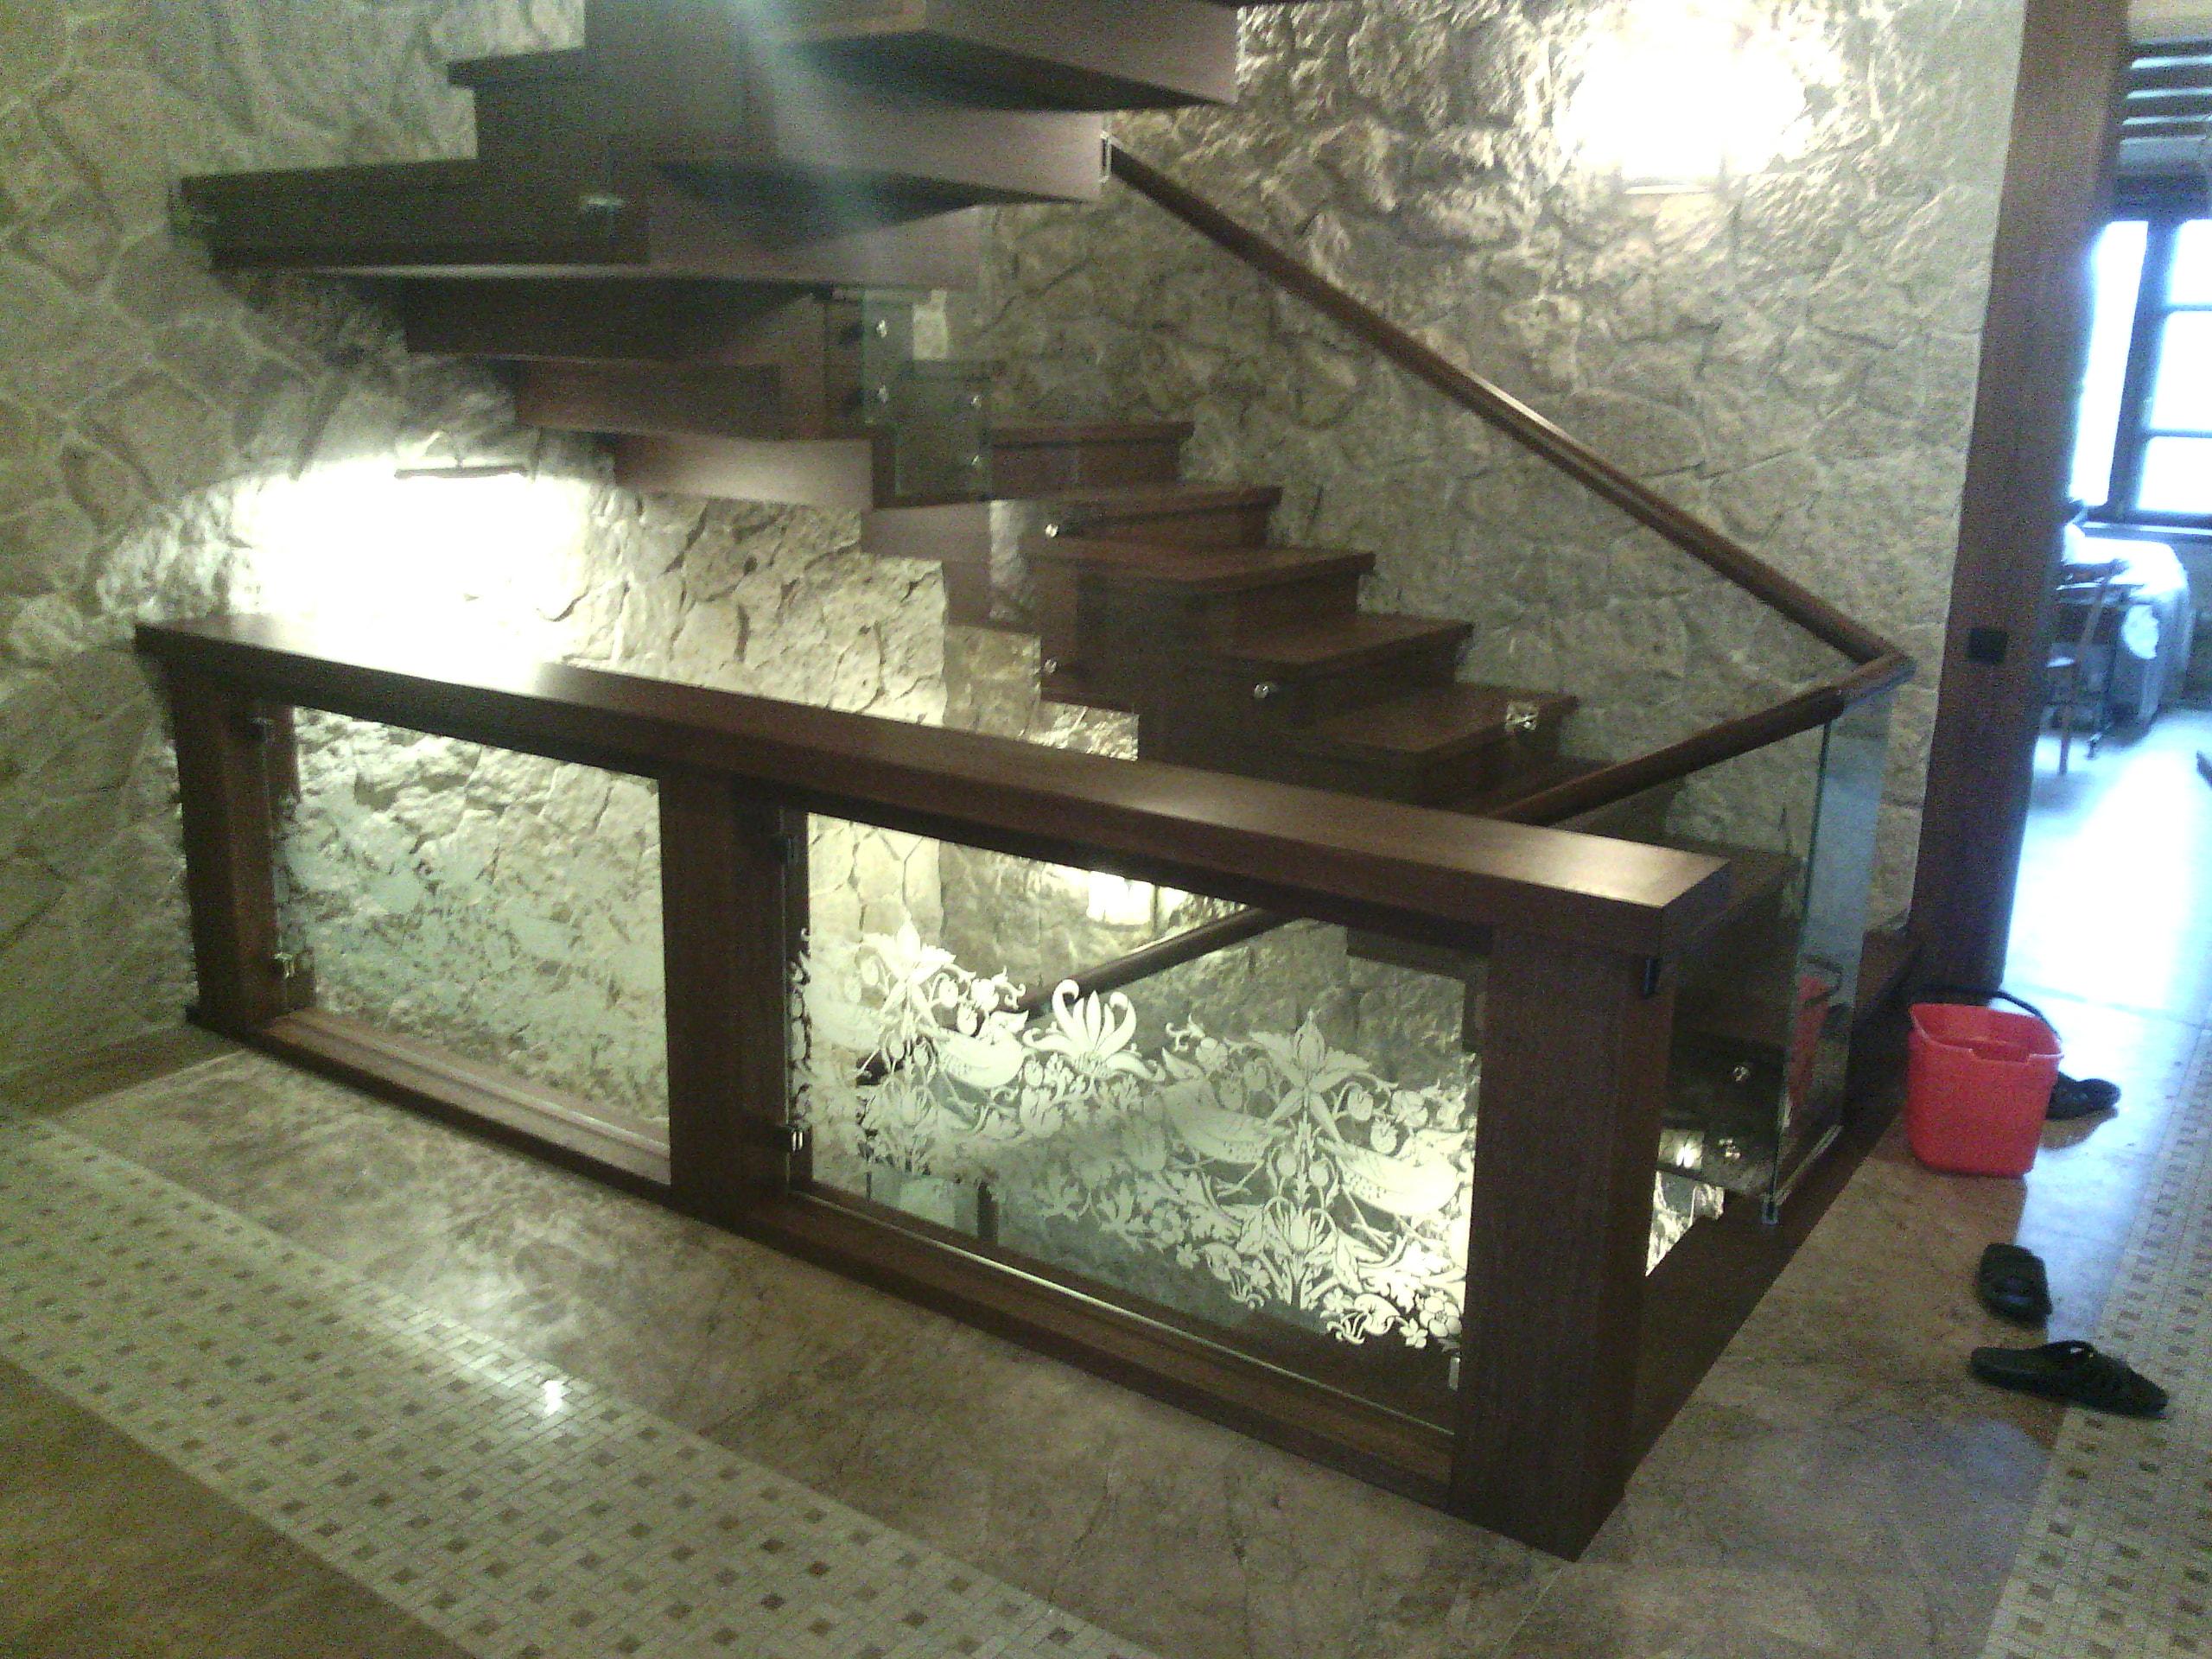 Изготовление стеклянных ограждений в СПб для лестниц и балконов